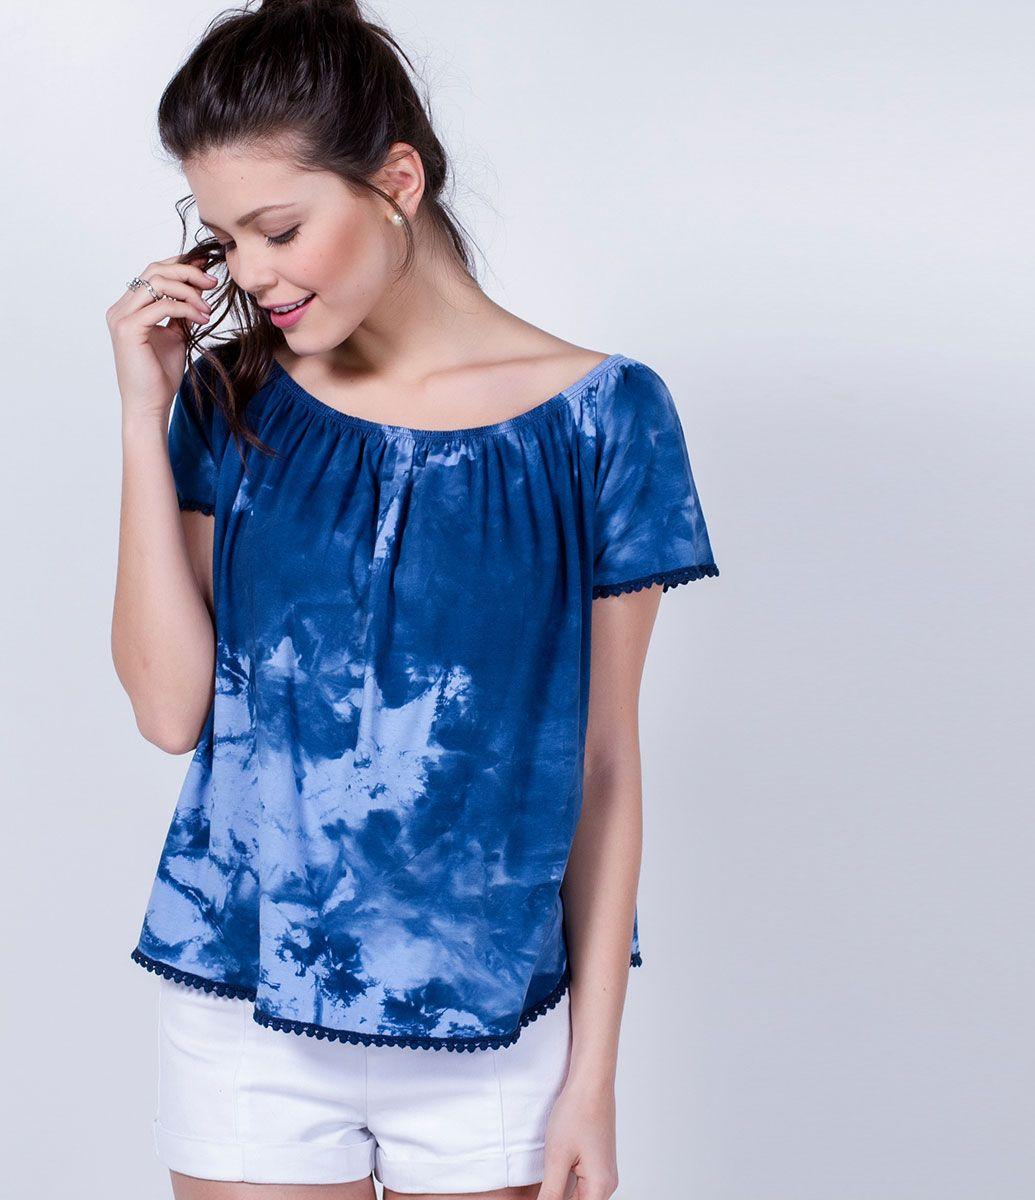 a5f6b0cd54 Blusa feminina Modelo bata Manga curta Marca  Blue Steel Tecido  malha  Composição  100% algodão Modelo veste tamanho  P COLEÇÃO VERÃO 2016 Veja  outras ...